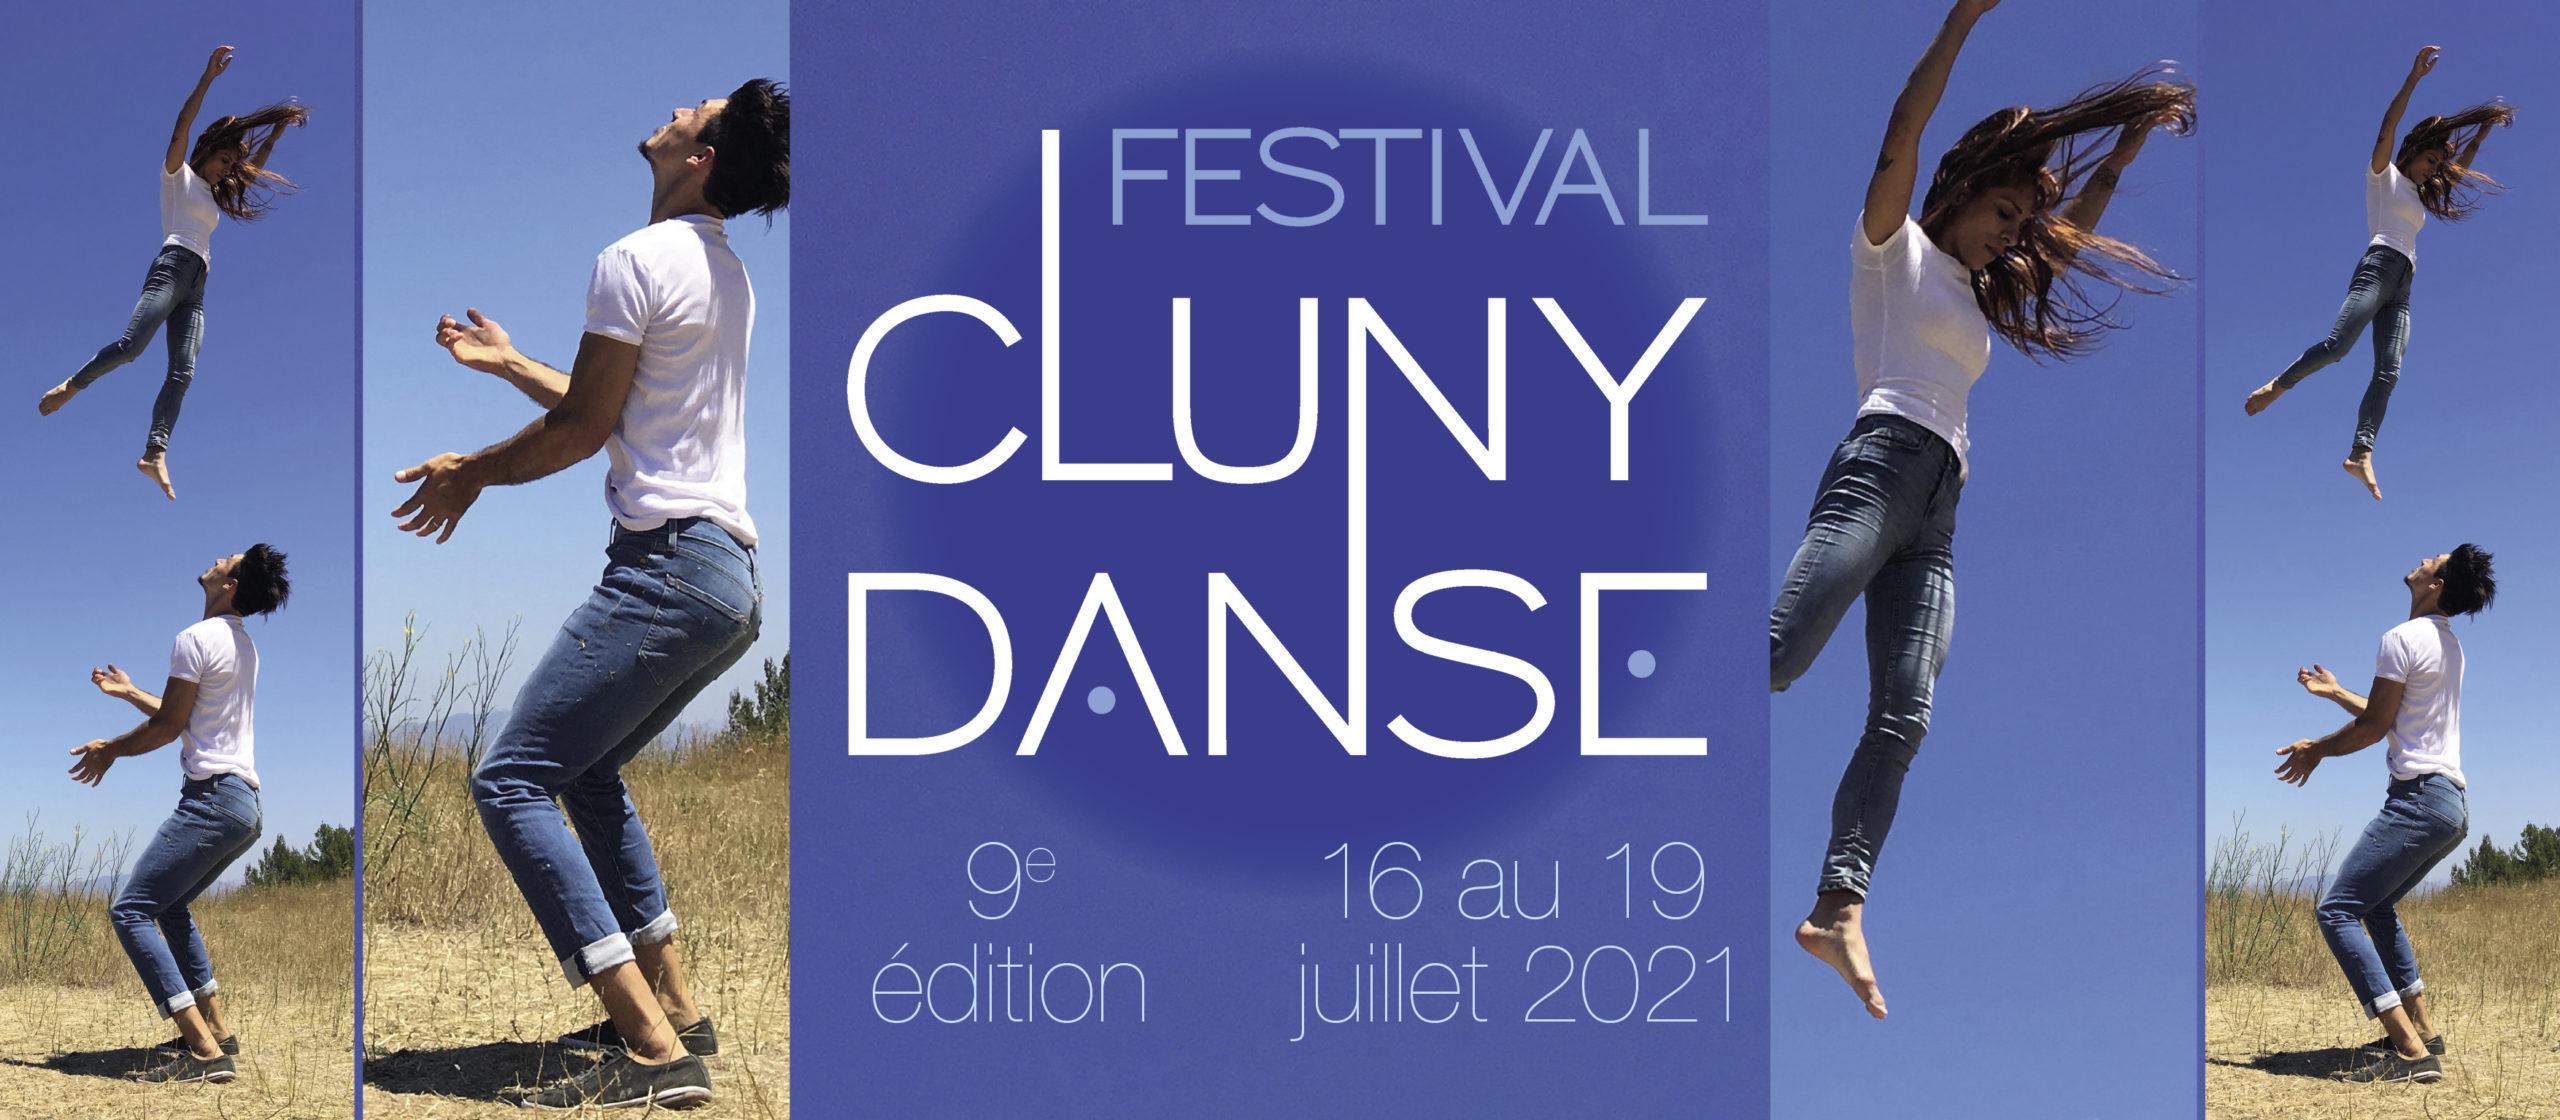 Festival Cluny Danse